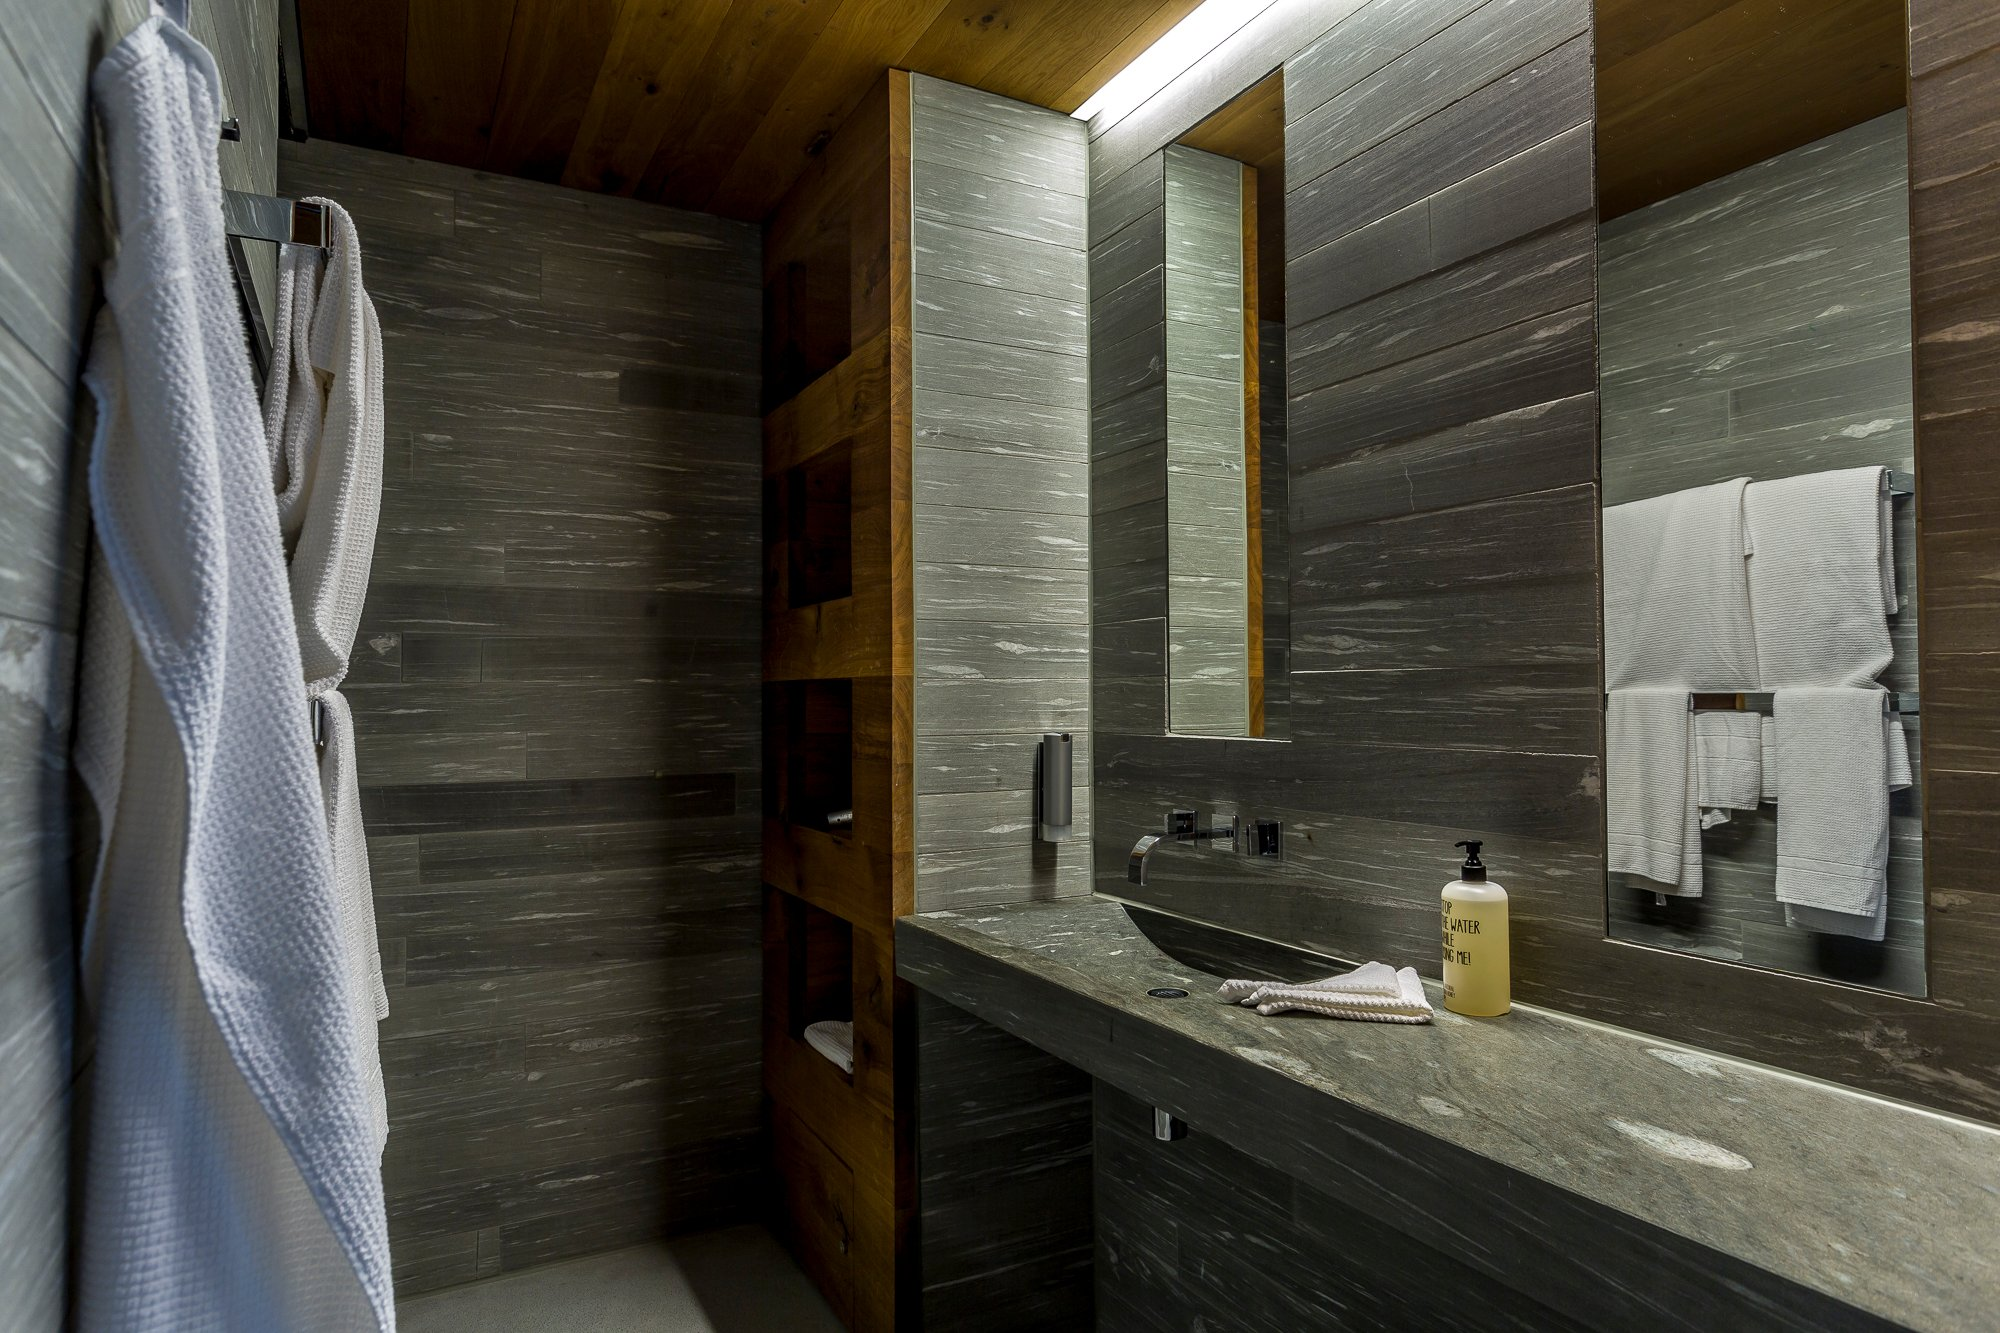 rocksresort laax - pistenglück einfach - reisetipps, Badezimmer ideen